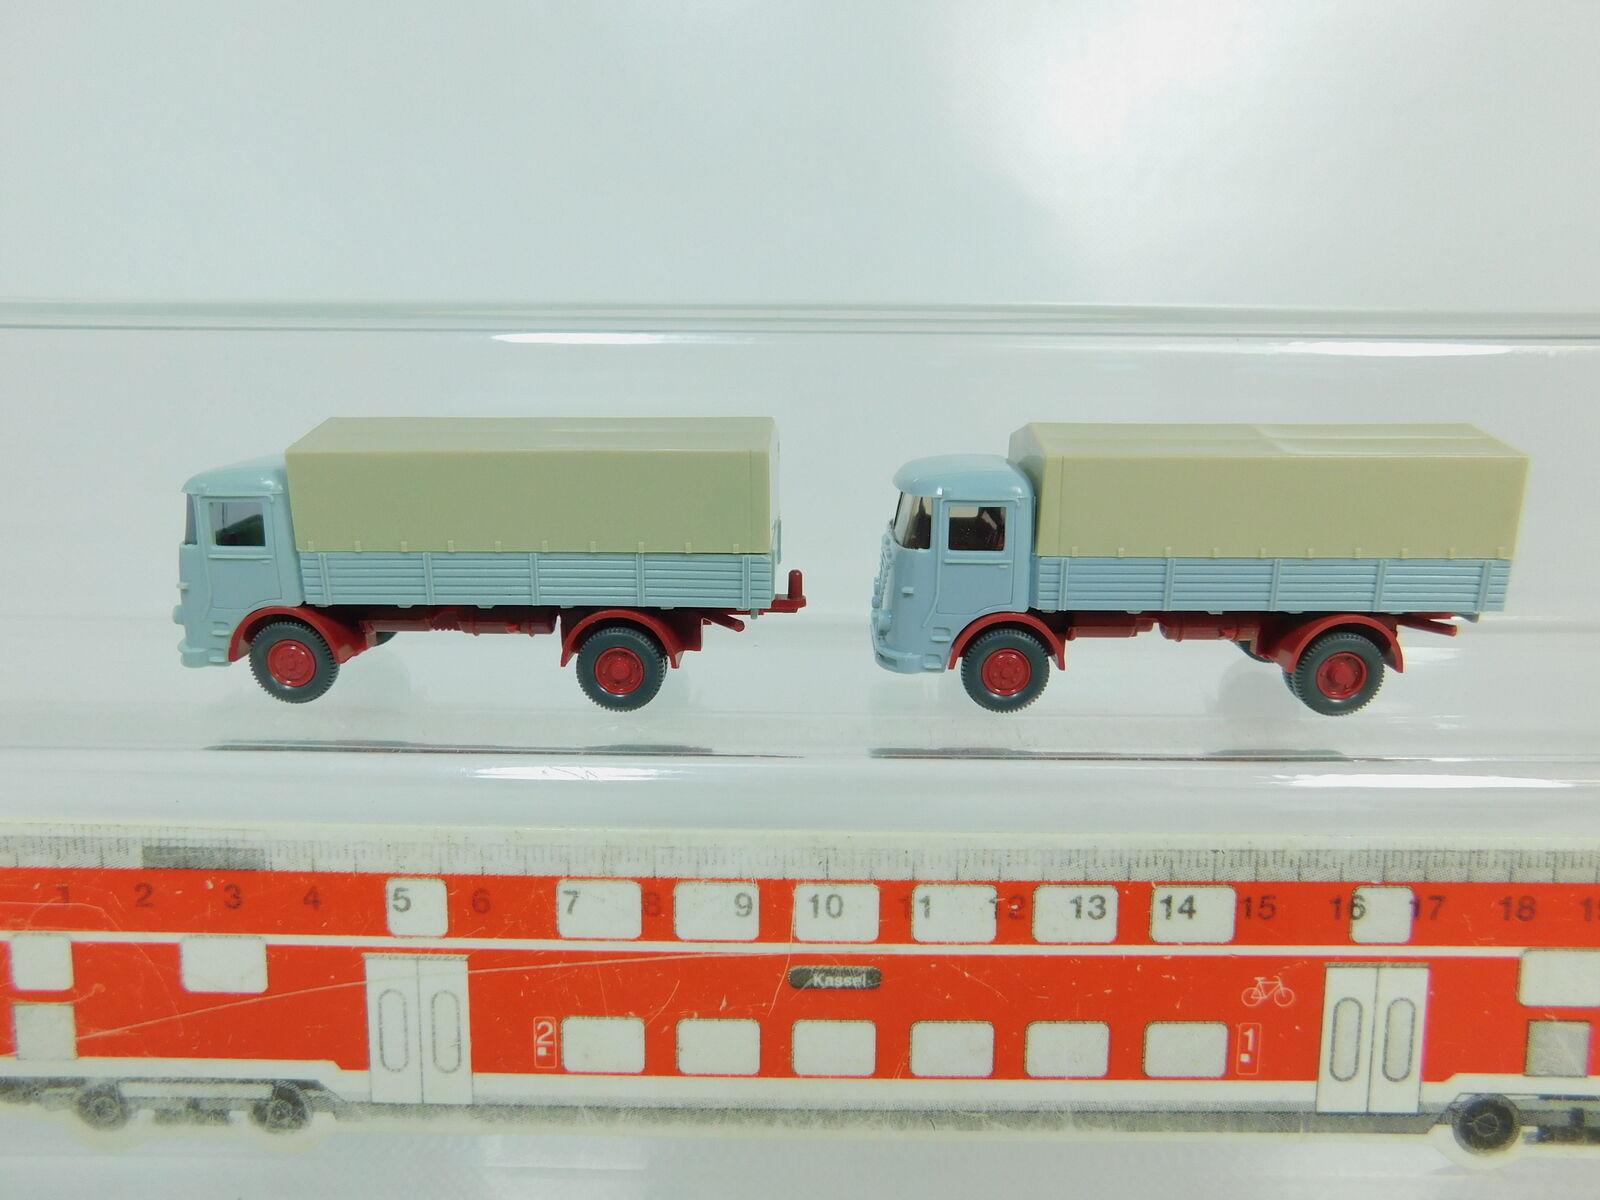 BO467-0,5x Wiking H0 1 87 LKW Lastwagen Lastwagen Lastwagen Büssing LU 7 LU7, sehr gut 550de9